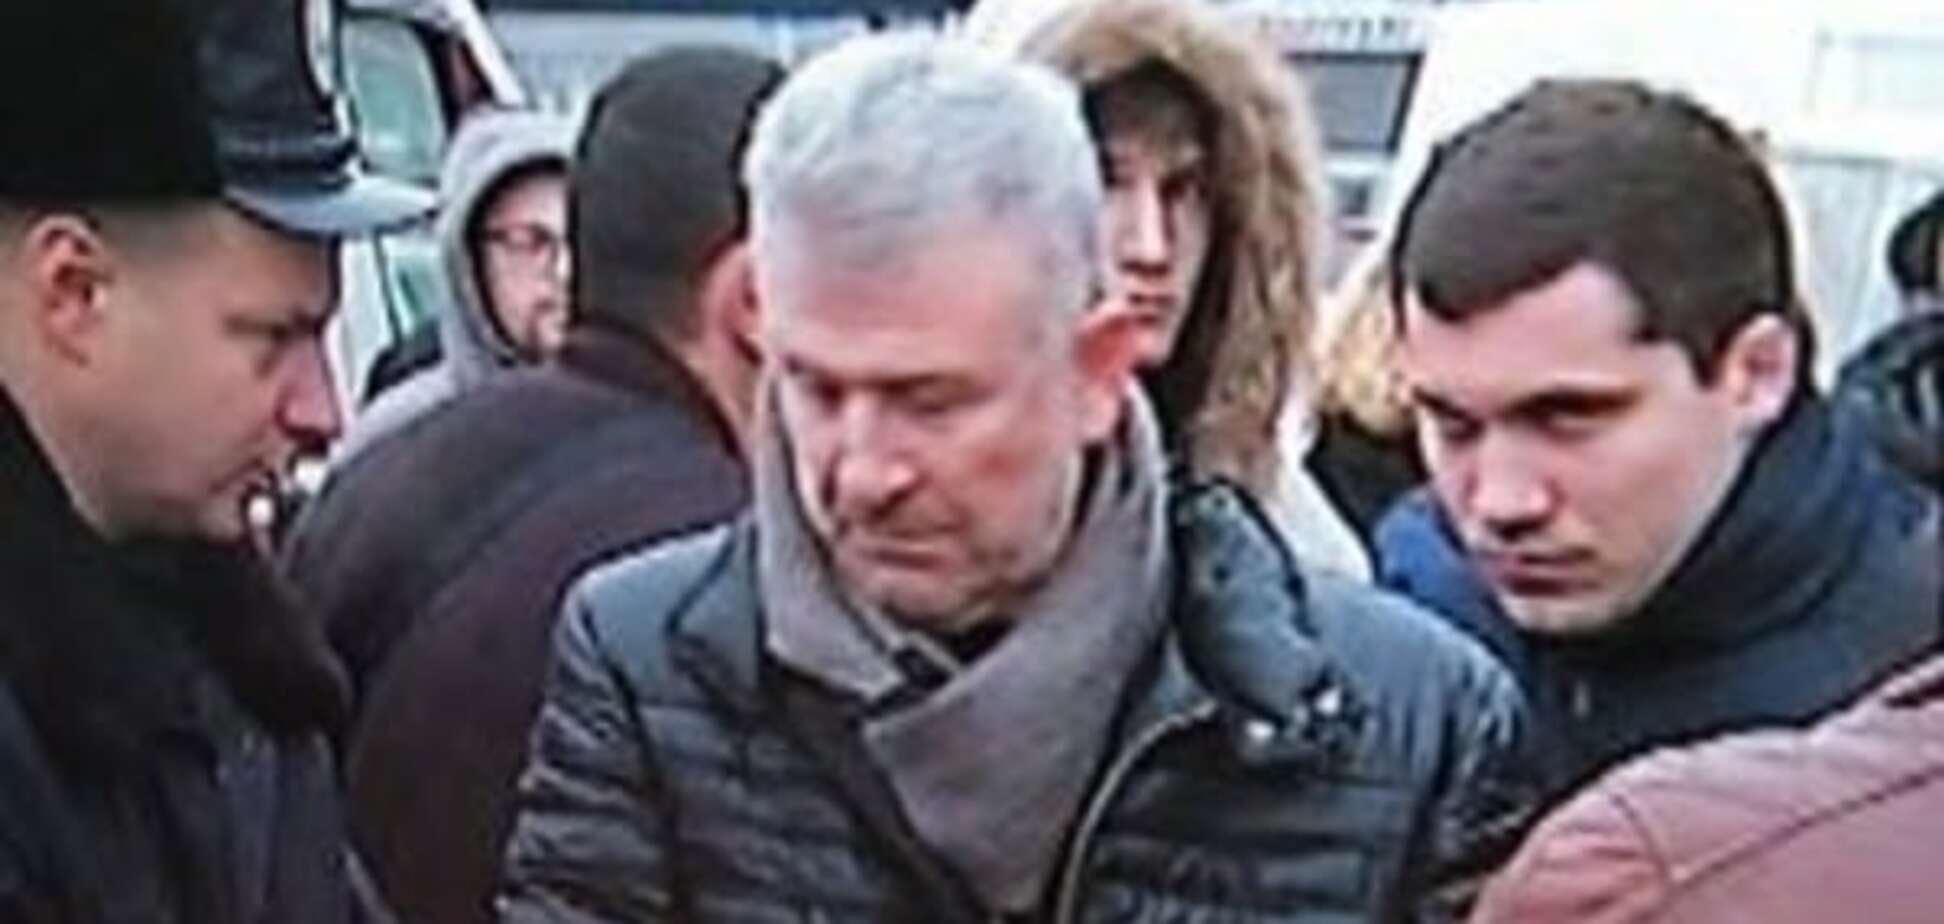 Смертельна ДТП у Києві: батько мажора приїжджав на місце трагедії 'вирішувати питання'. Фотофакт